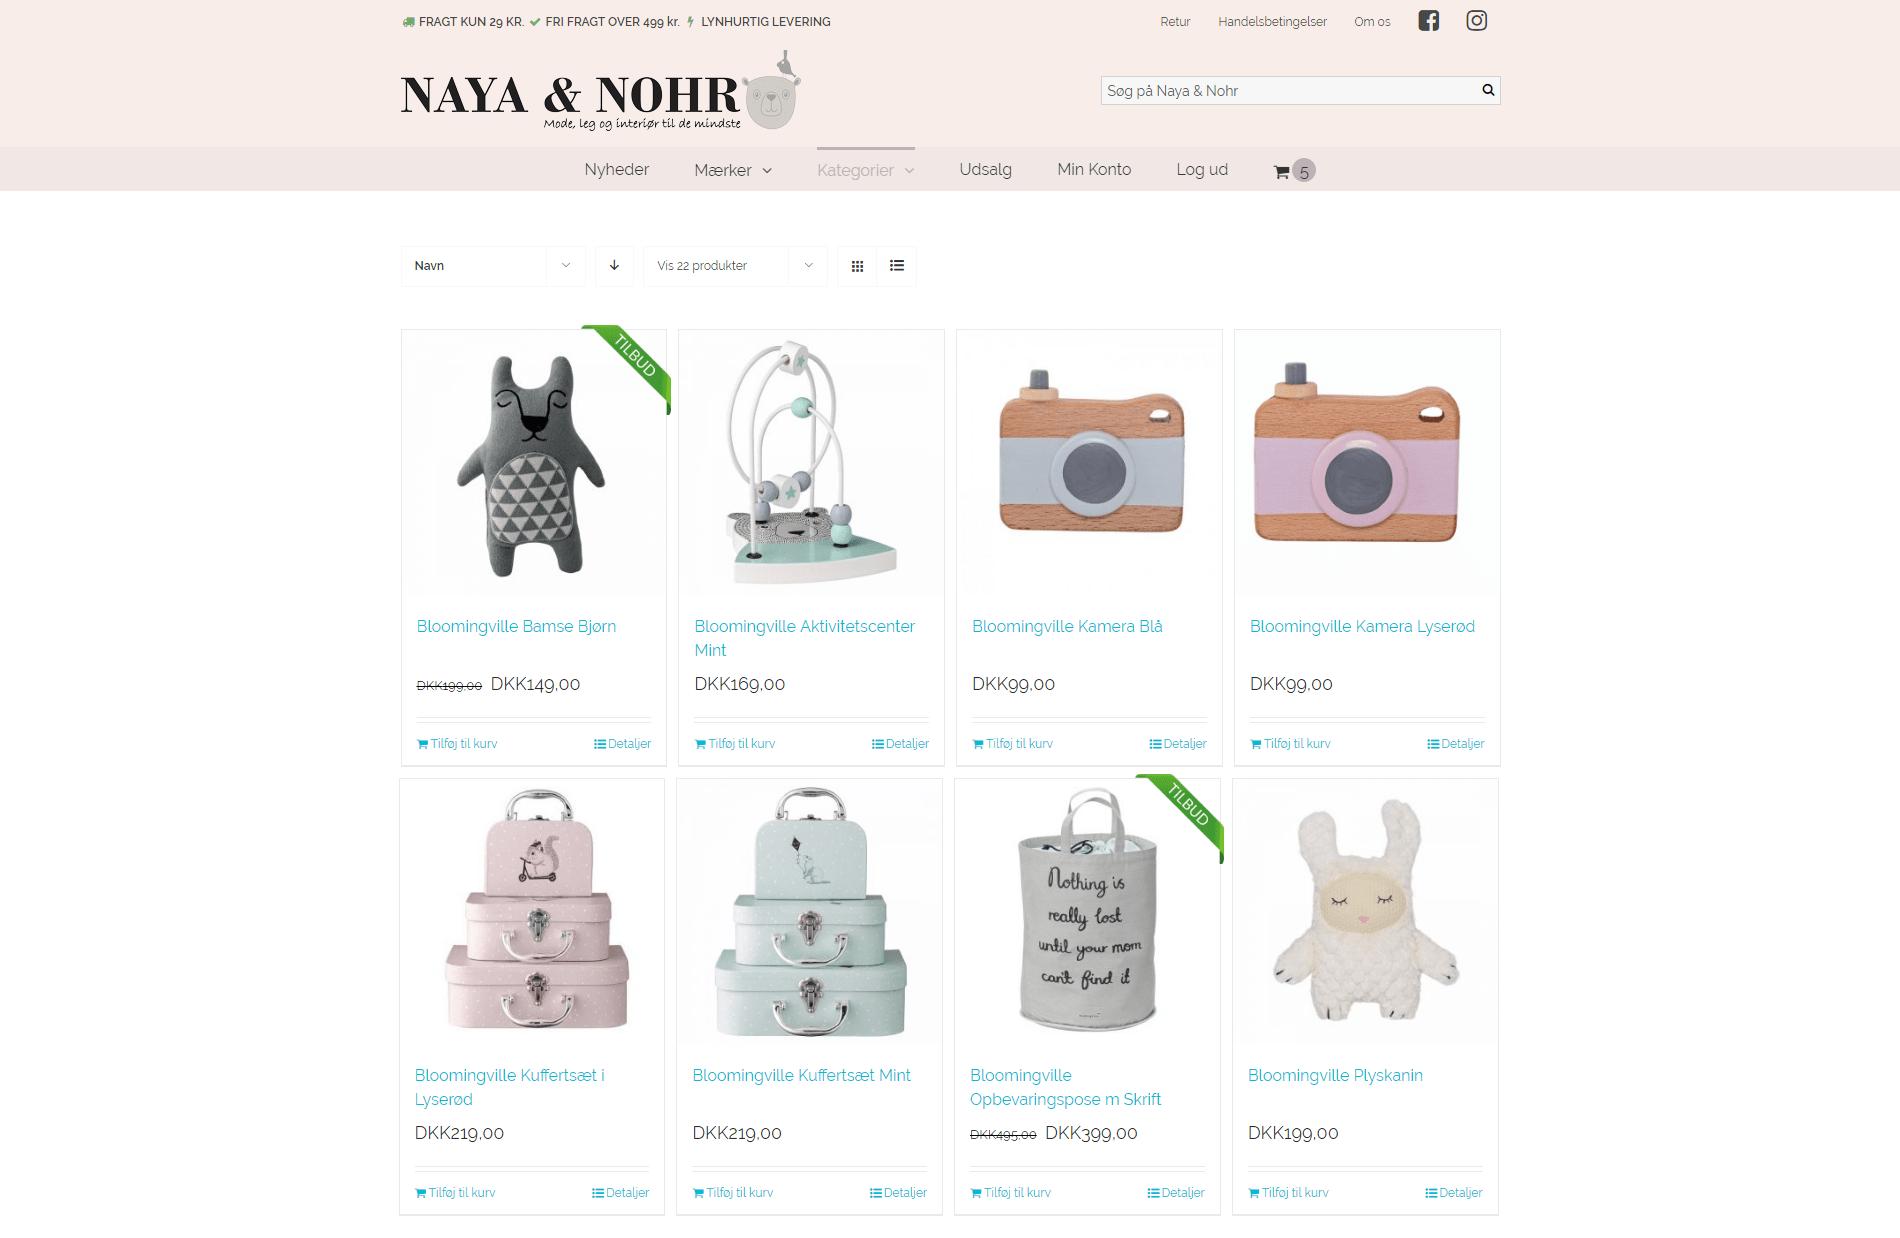 Nayaognohr.dk har fået lavet en flot webshop fra Vitago